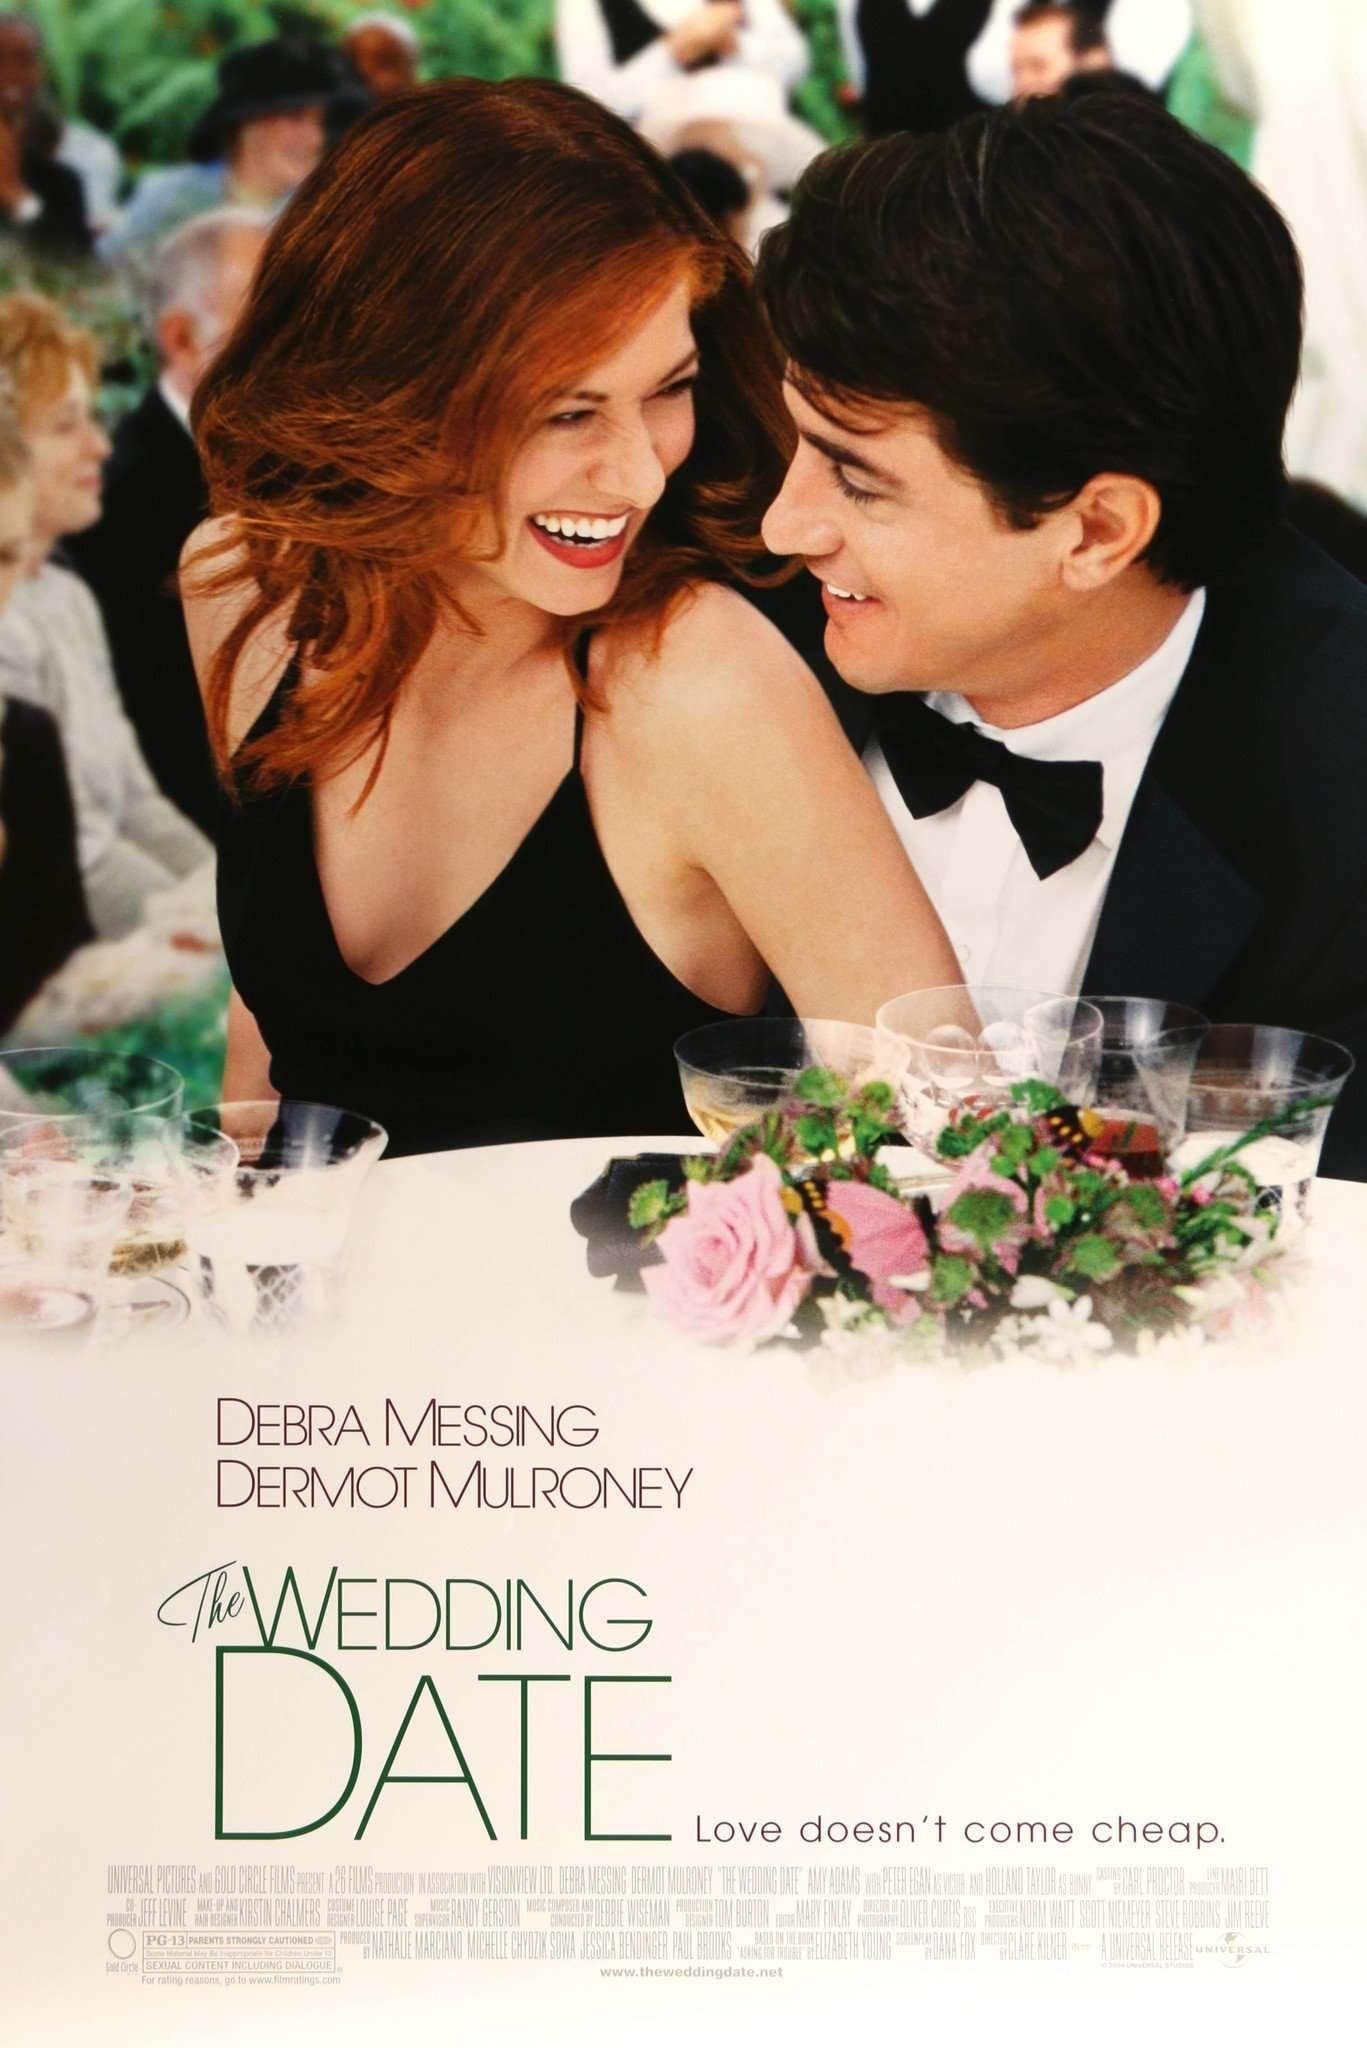 Wedding Date 2005 In 2020 Wedding Movies The Wedding Date Dermot Mulroney